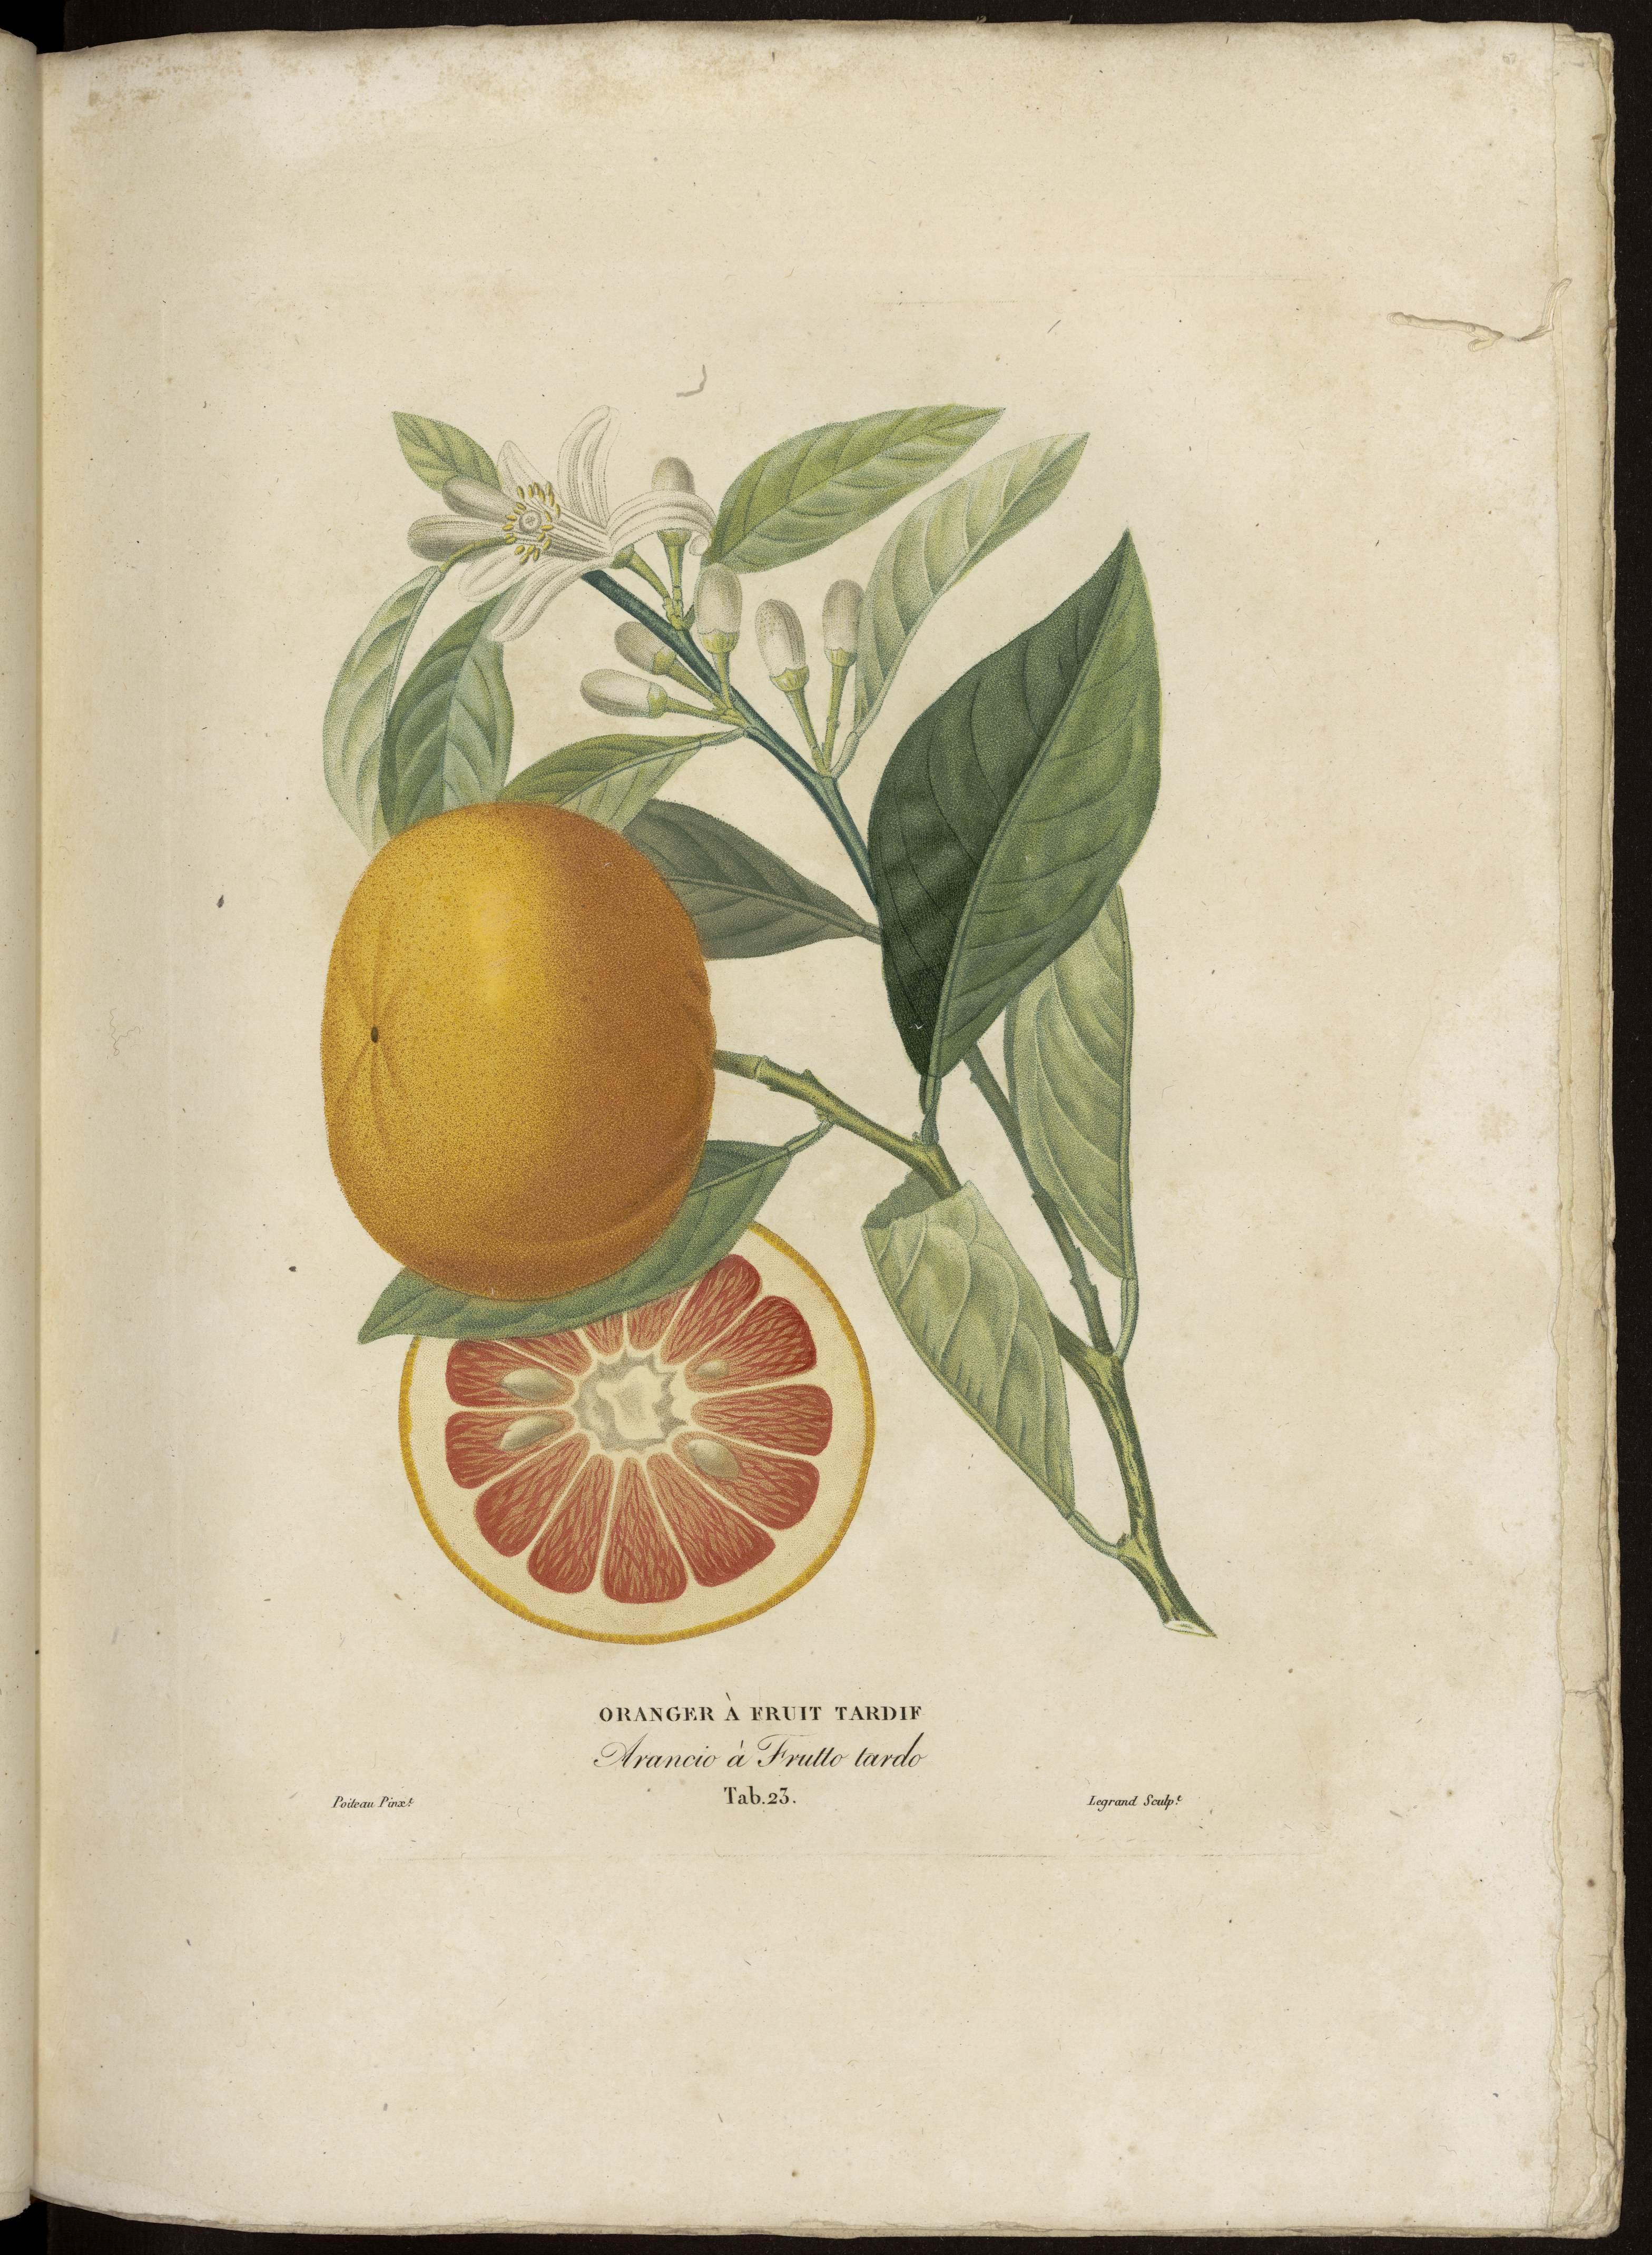 Oranger à fruit tardif